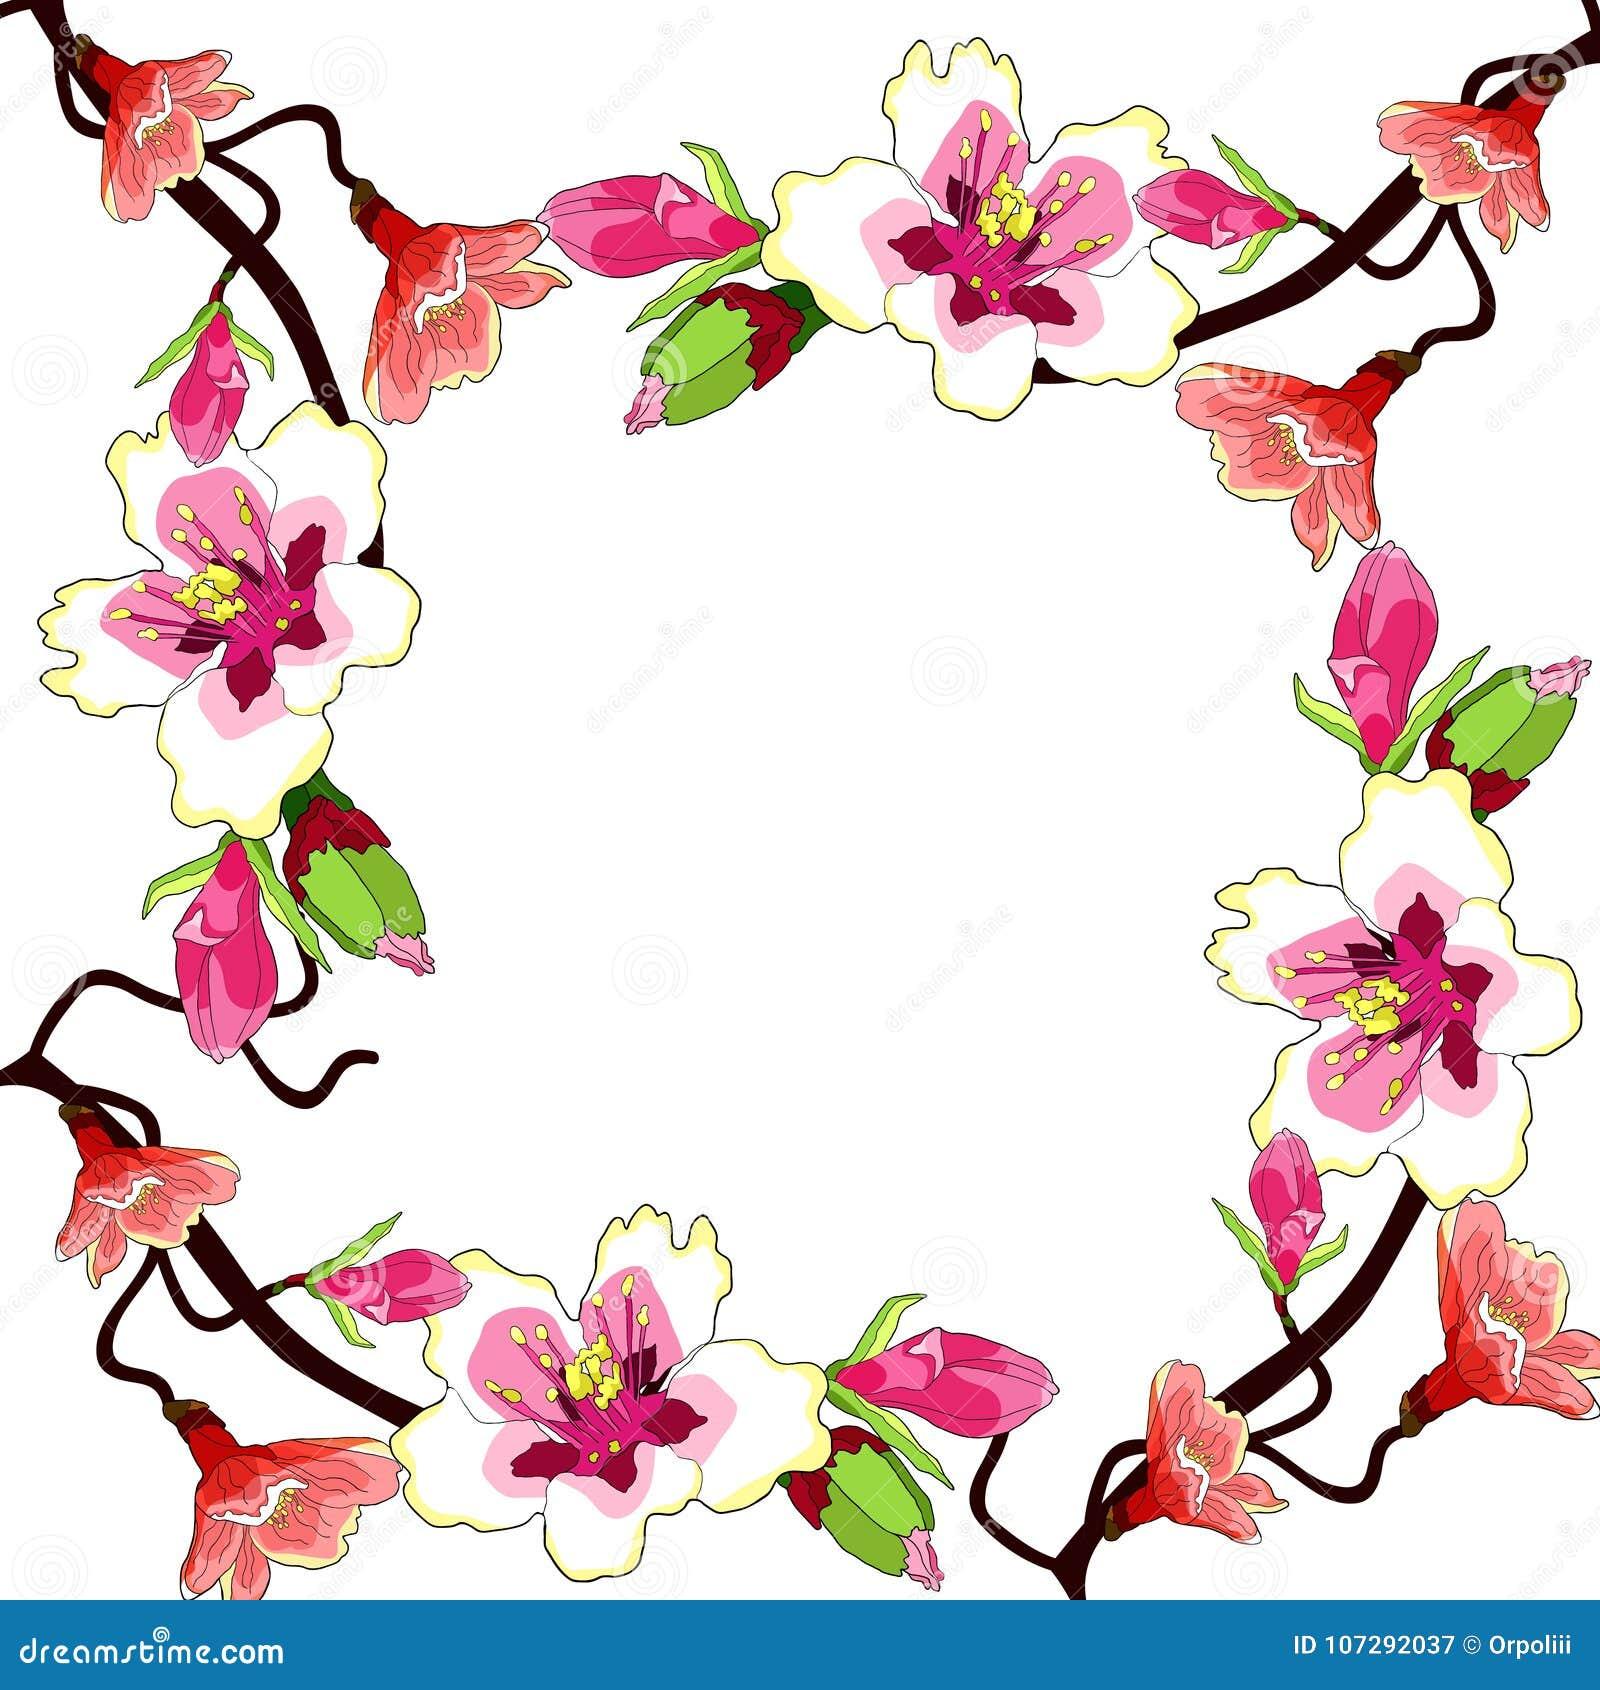 La flor de la rama de la almendra florece un ejemplo del vector de la nuez